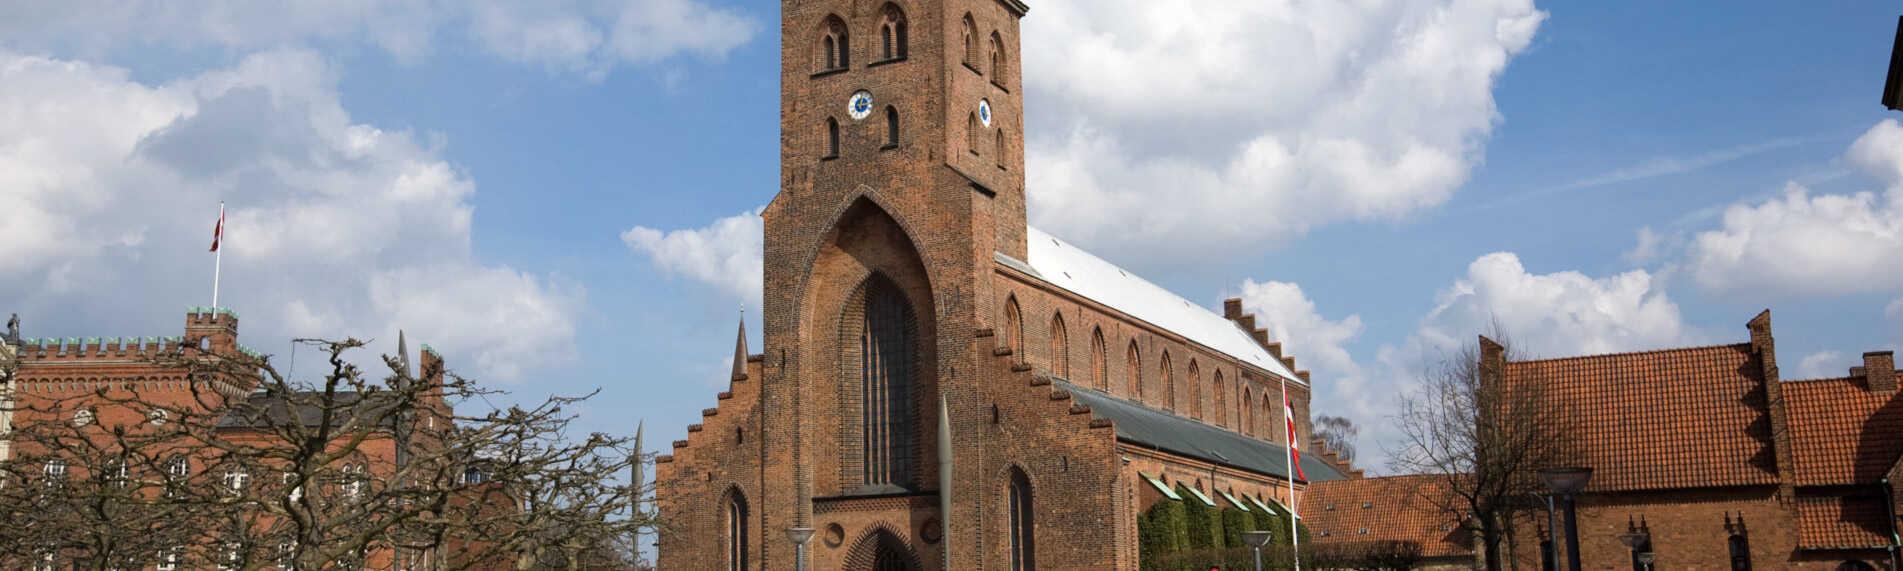 Odense domkyrka, Danmark, har stor nytta av korrekt och kontrollerbar vätning